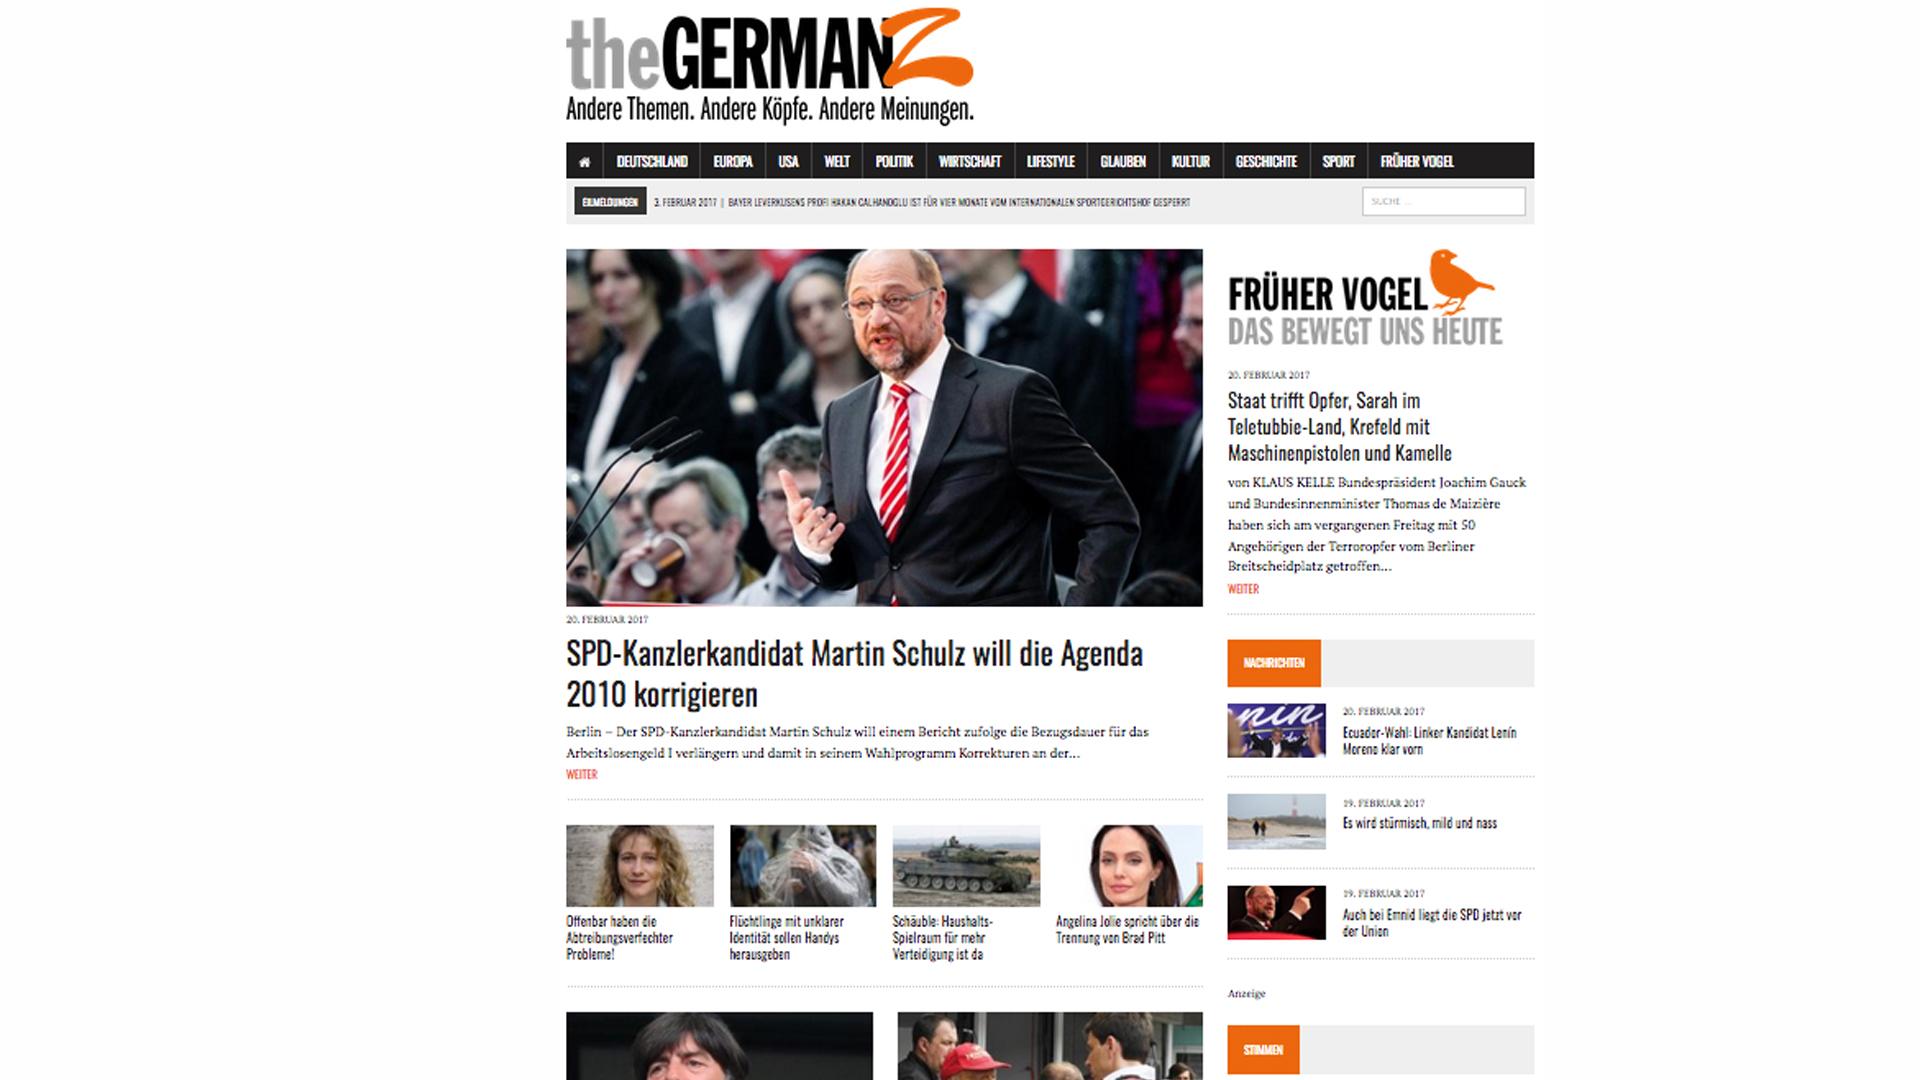 Kelles Projekt The GermanZ: Eine Online-Zeitung, die bürgerliche Leser erreichen will